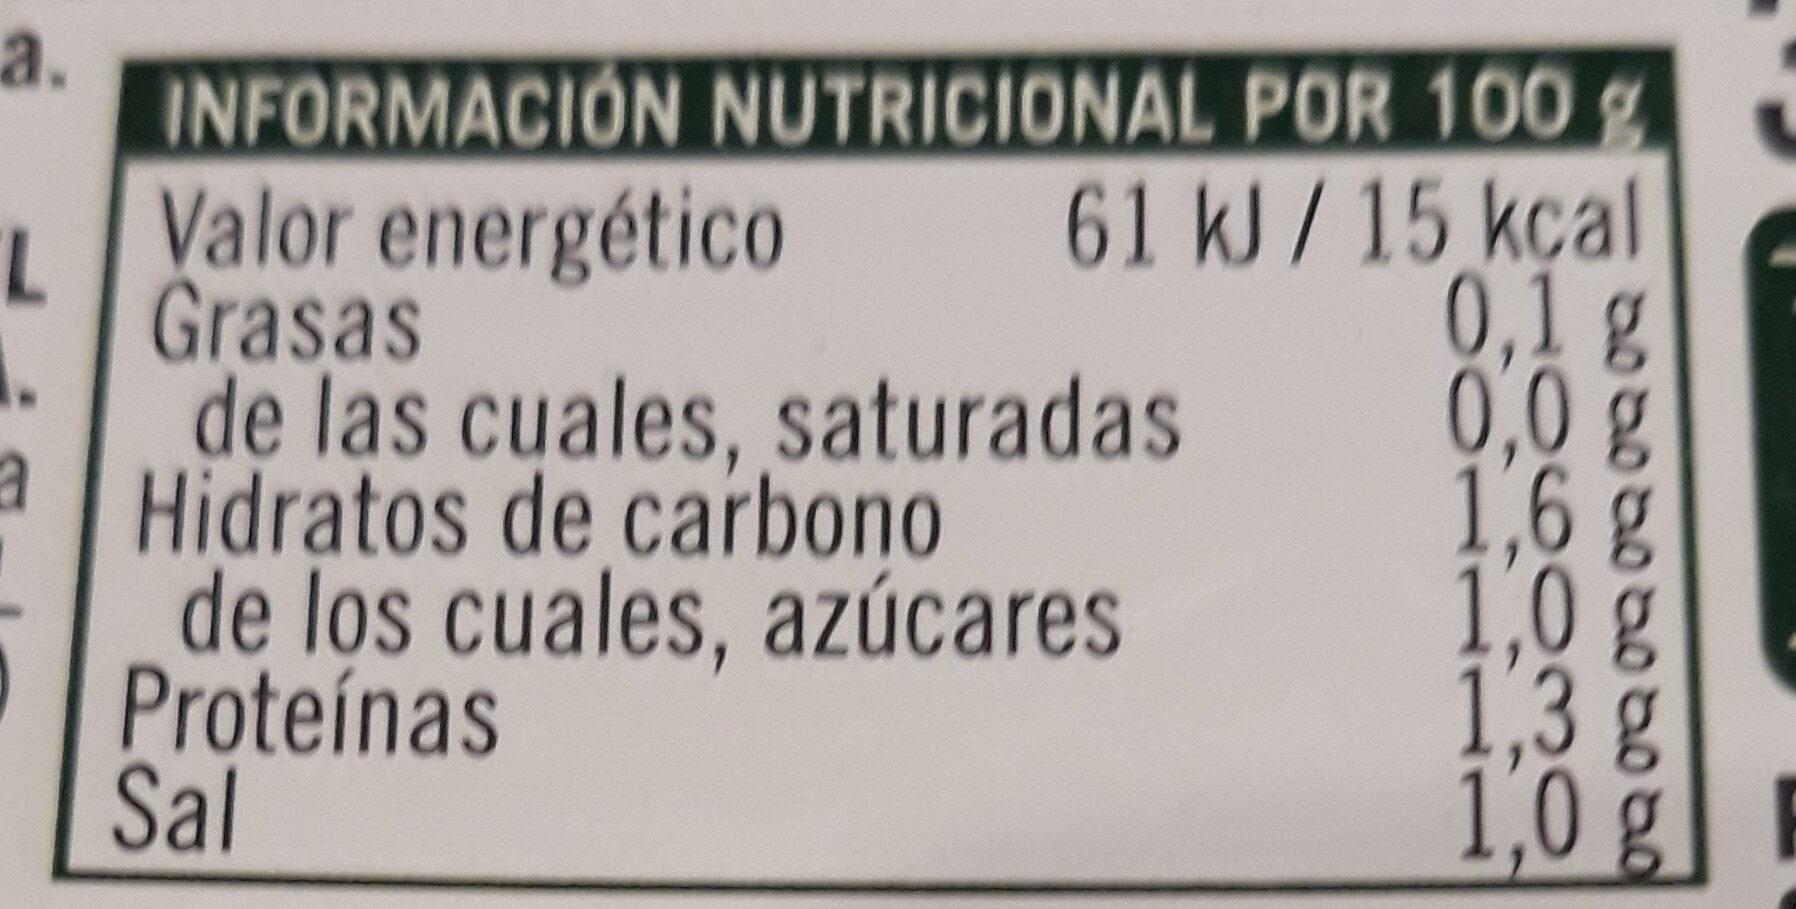 Yemas de espárragos - Informations nutritionnelles